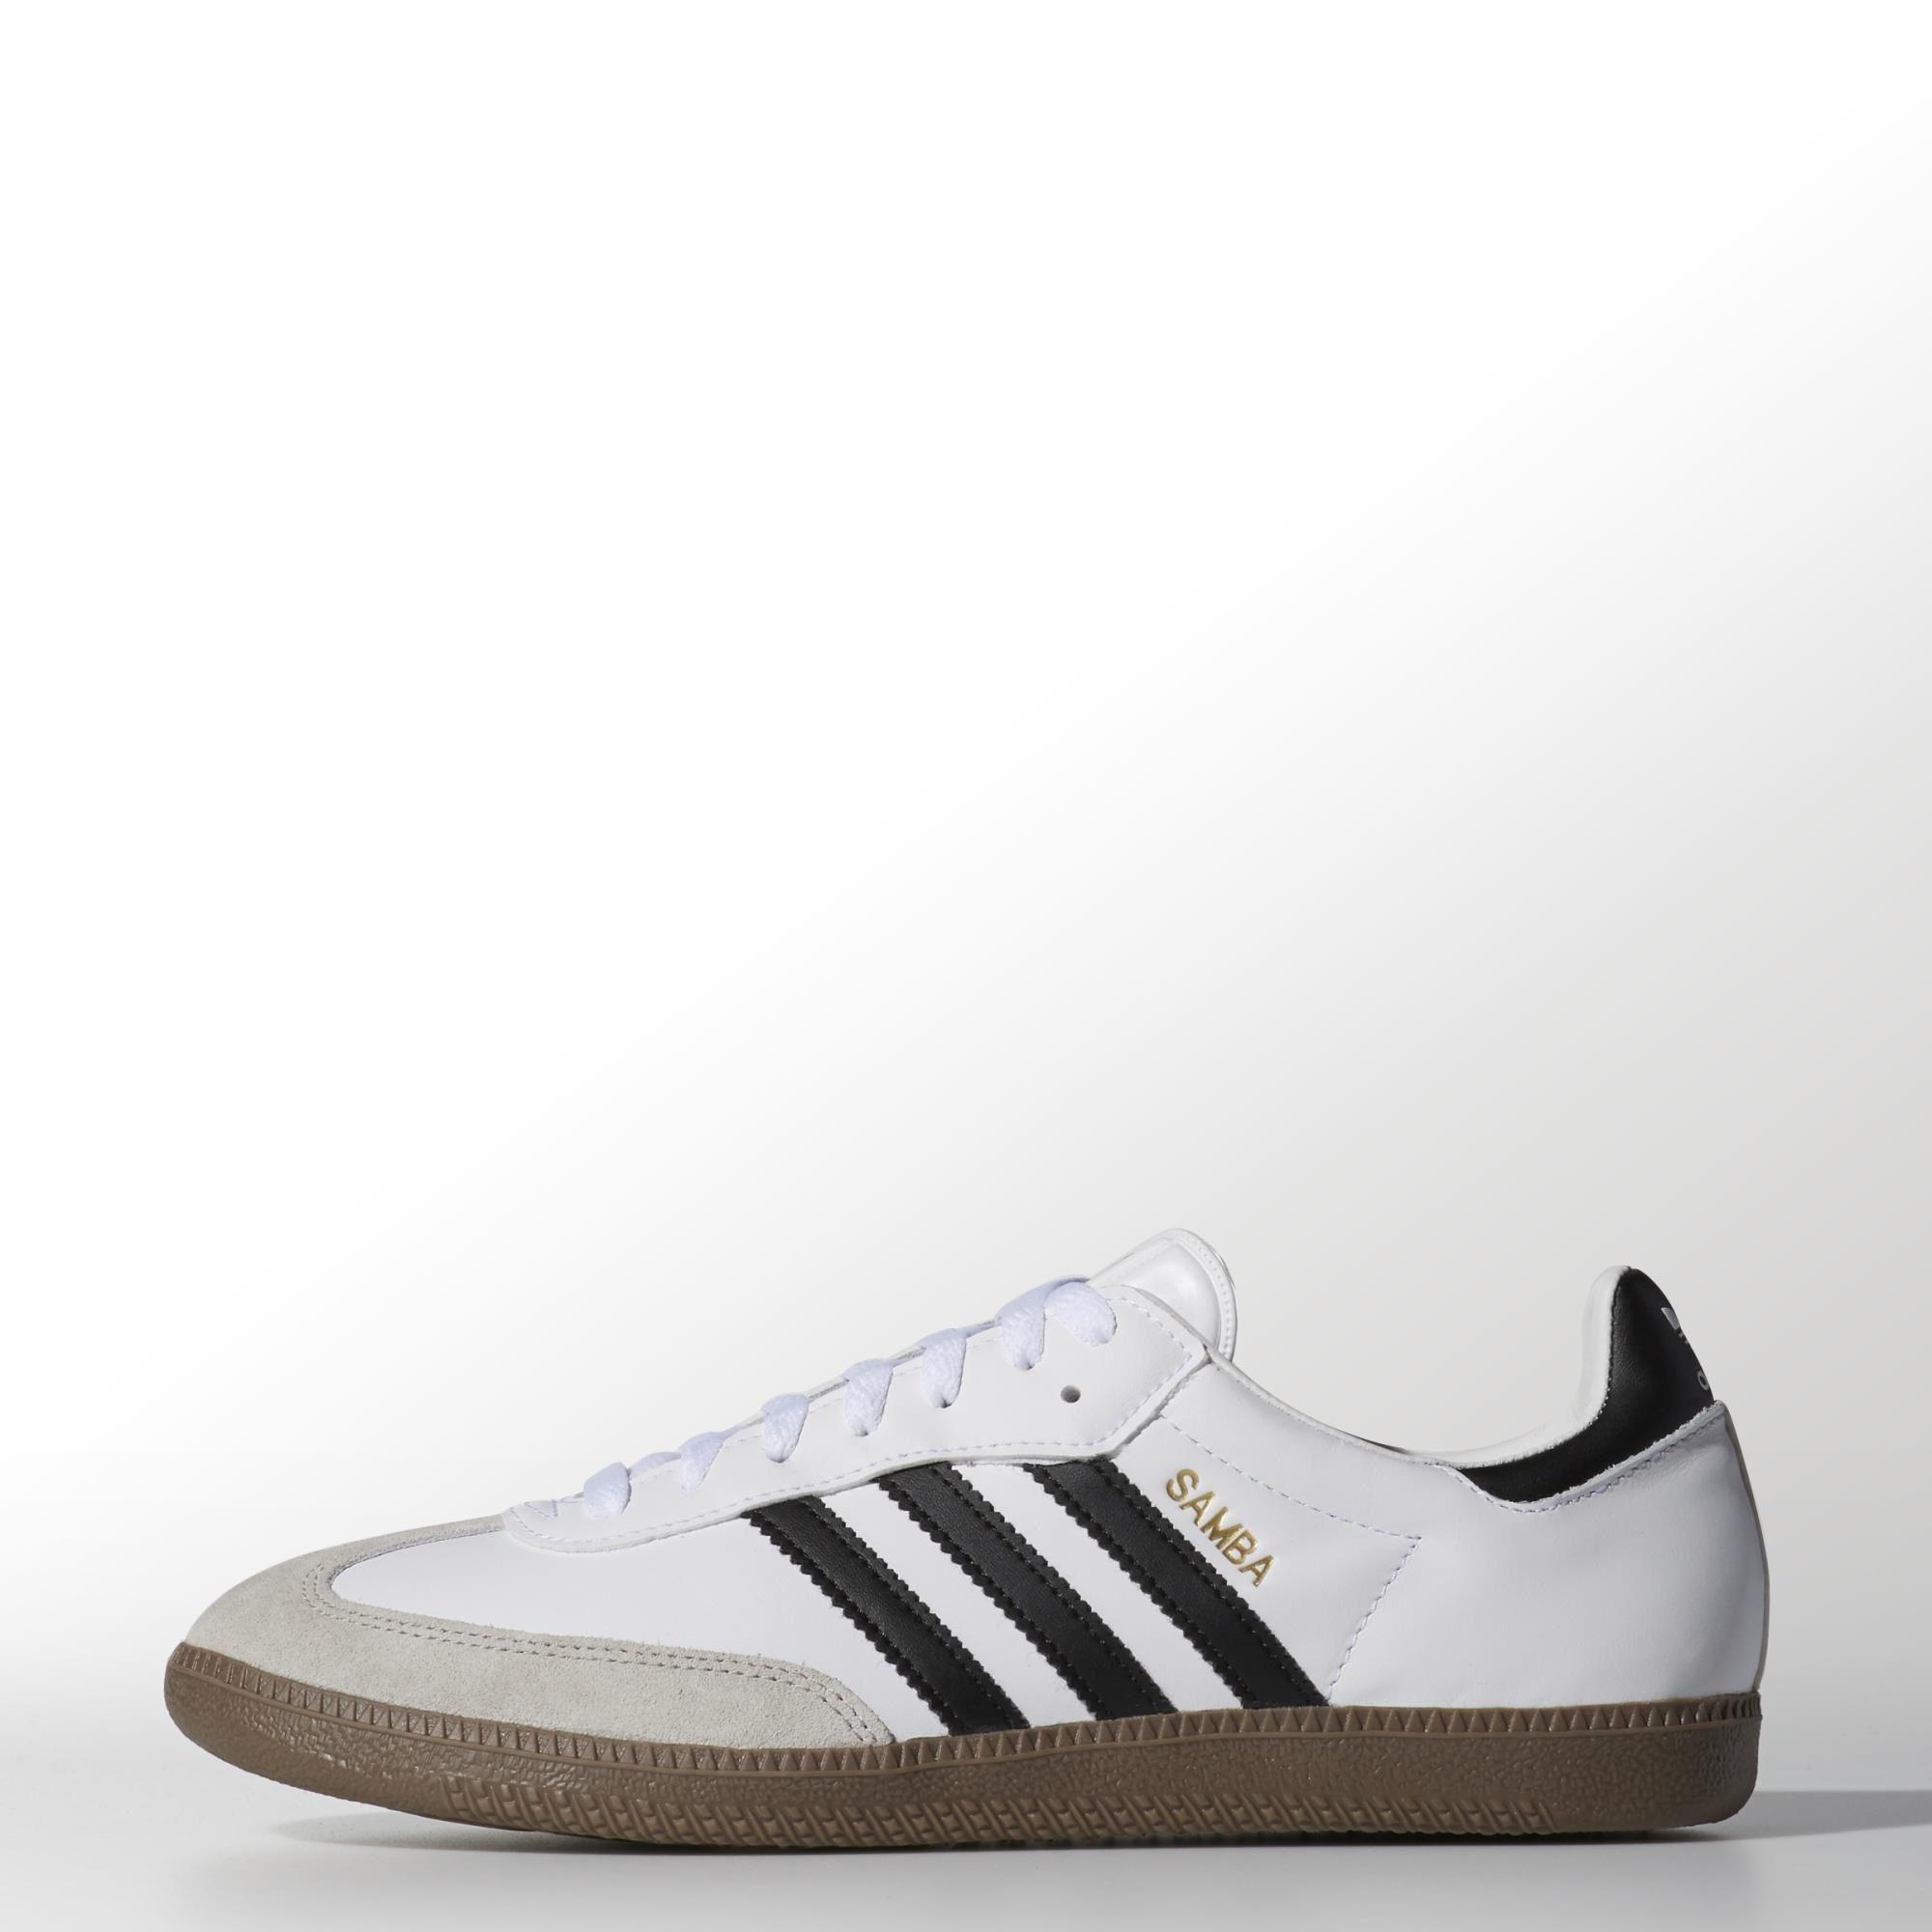 Chaussures Samba adidas   adidas France   Samba shoes, Adidas ...